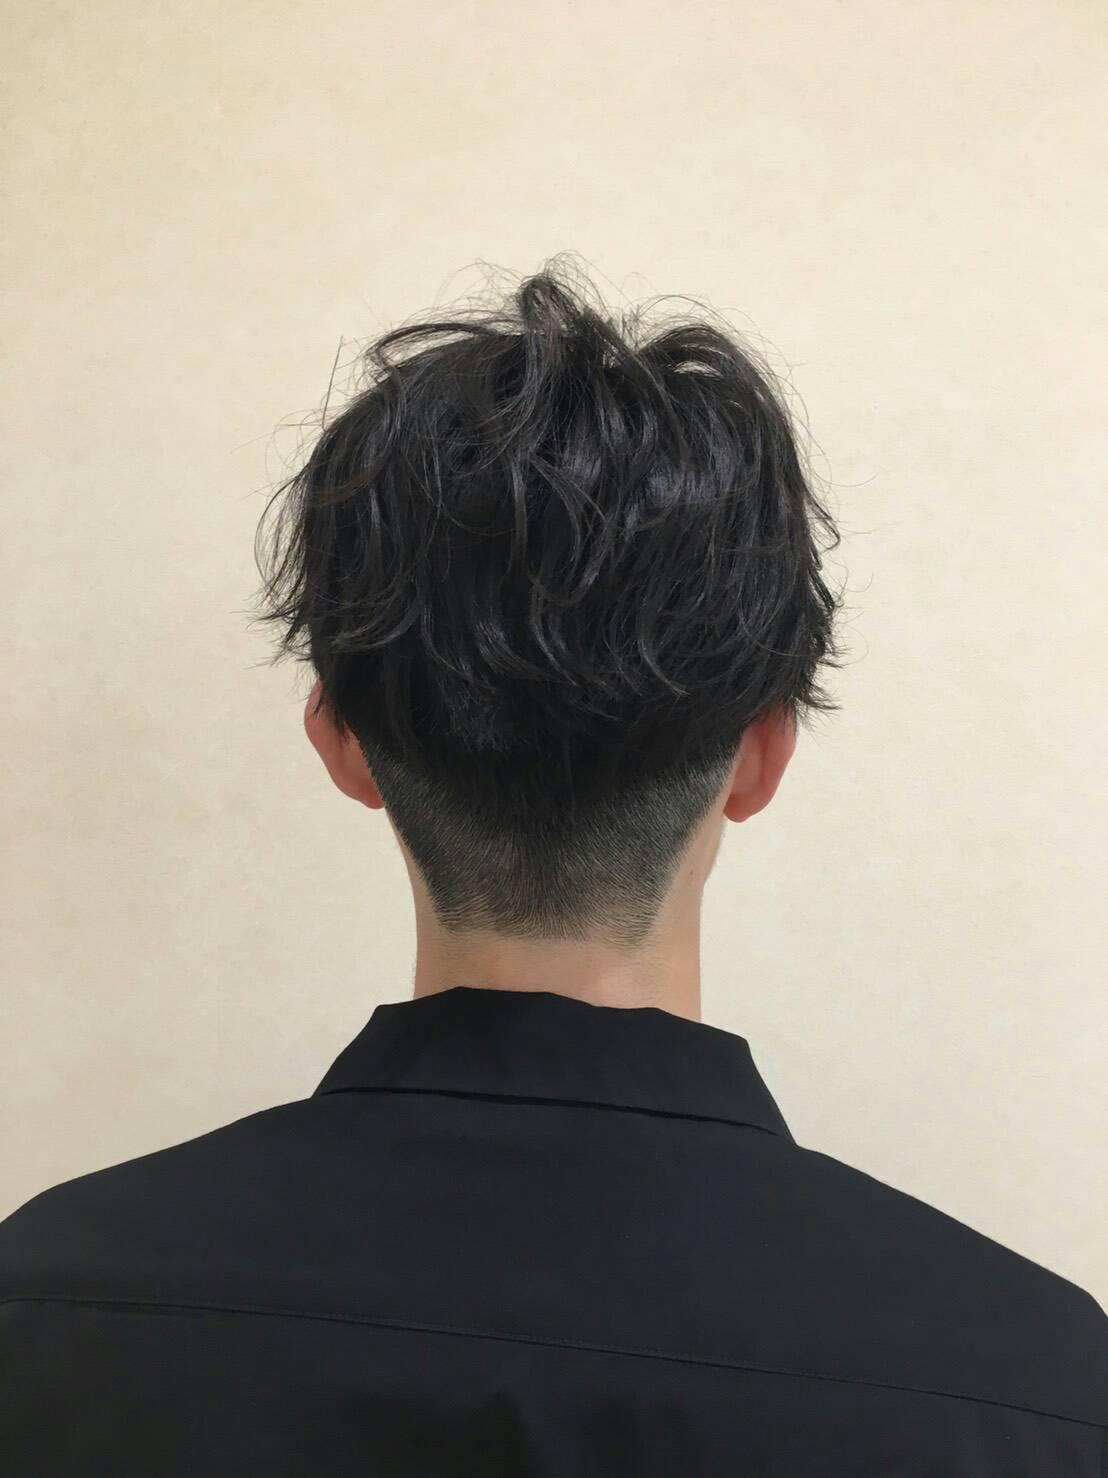 メンズ・ツーブロックスタイルⅢ(後ろを攻めた髪型) | ガッシュ茨城 ...